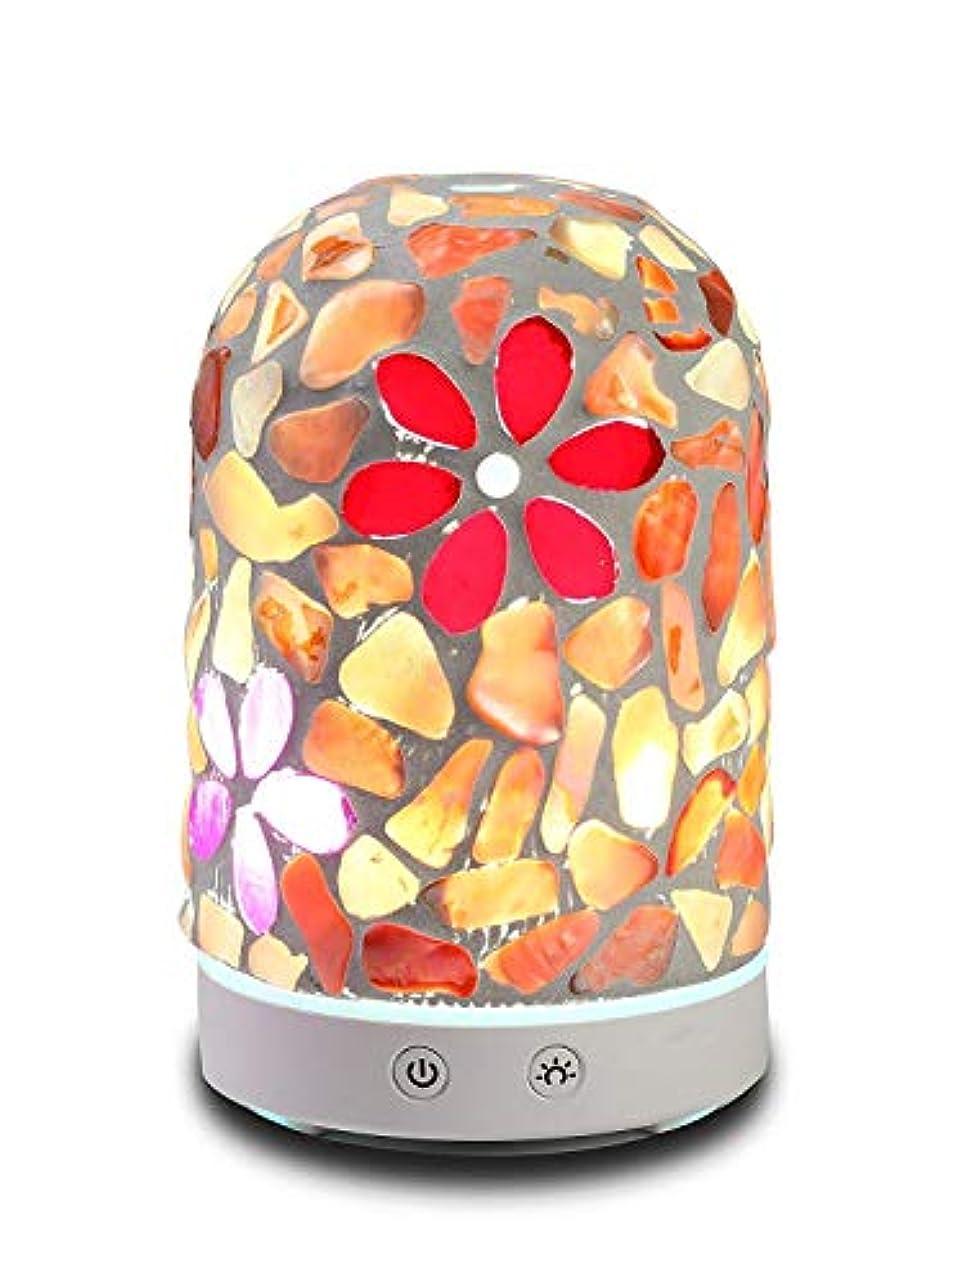 非常に幸運なことに満足できるAAアロマセラピーアロマエッセンシャルオイルディフューザー加湿器120 ml Dreamカラーガラス14-color LEDライトミュート自動ライトChangingアロマセラピーマシン加湿器 Diameter: 9cm;...